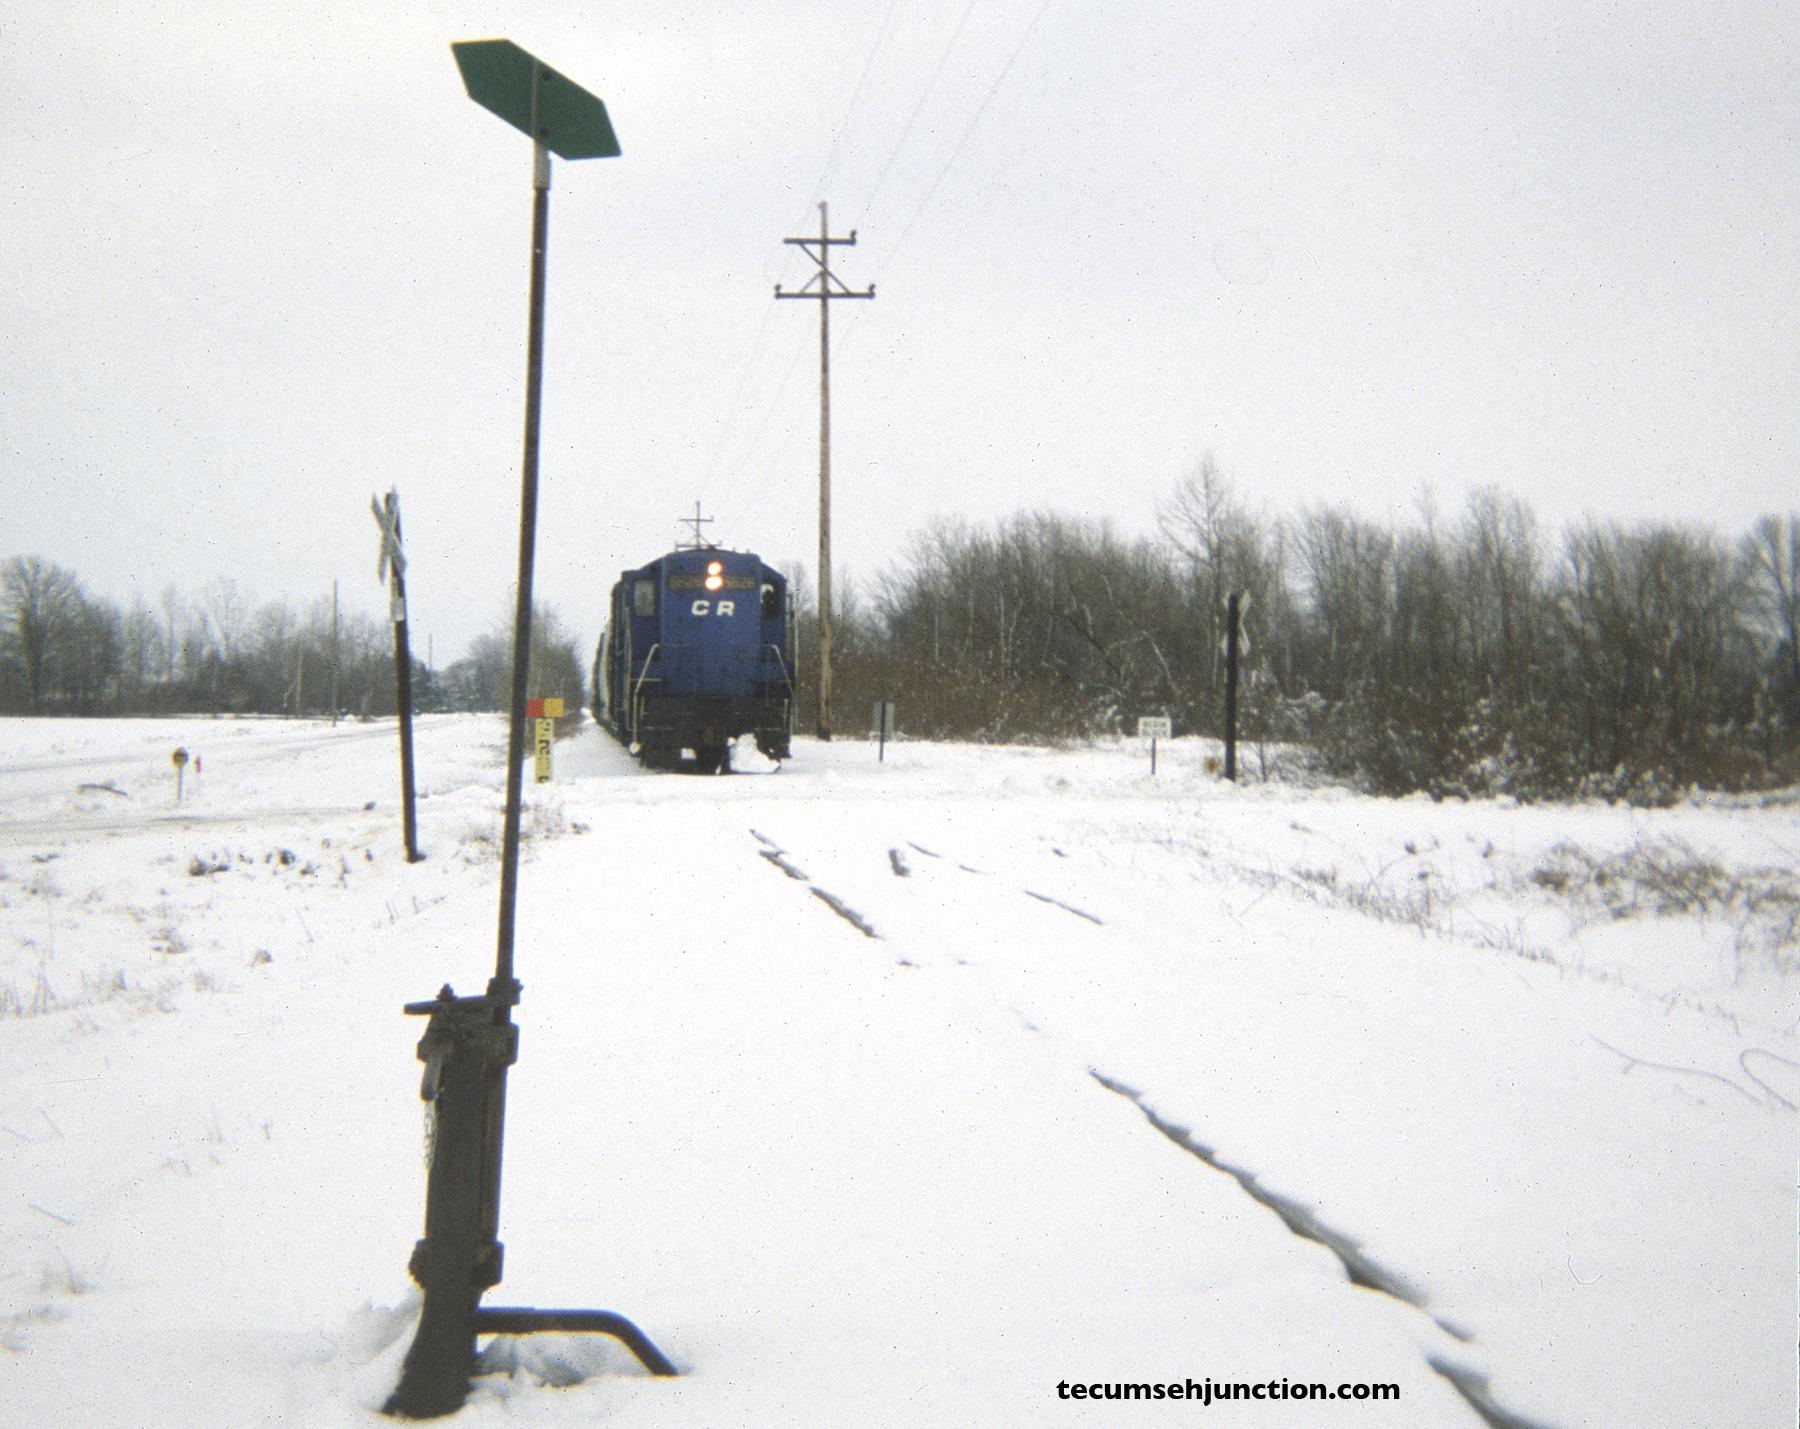 Conrail 5626 arrives at Grosvenor, Michigan.